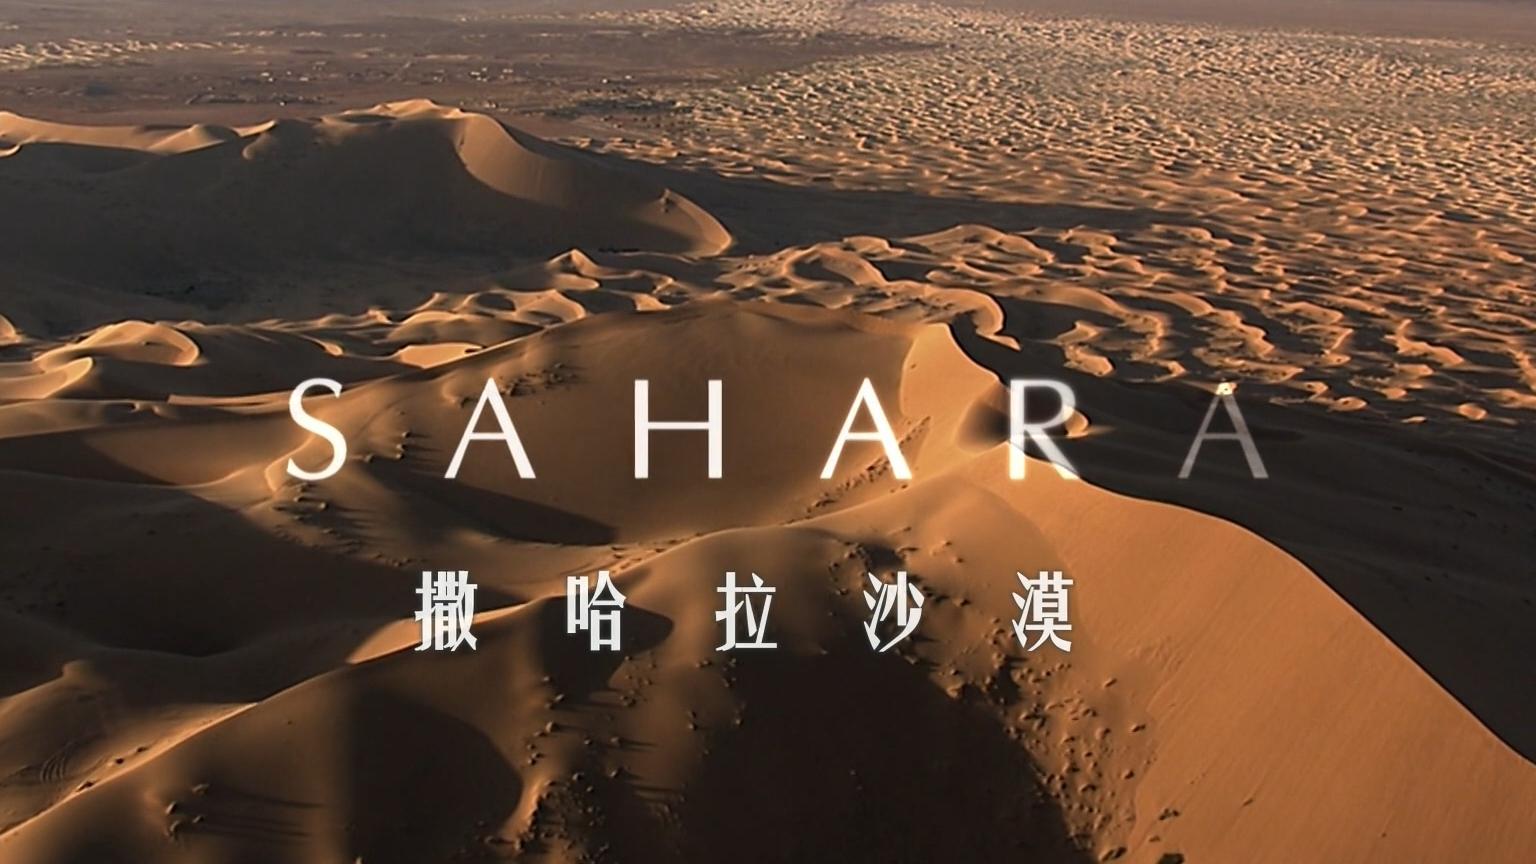 【纪录片】非洲 撒哈拉沙漠【双语特效字幕】【纪录片之家爱自然】